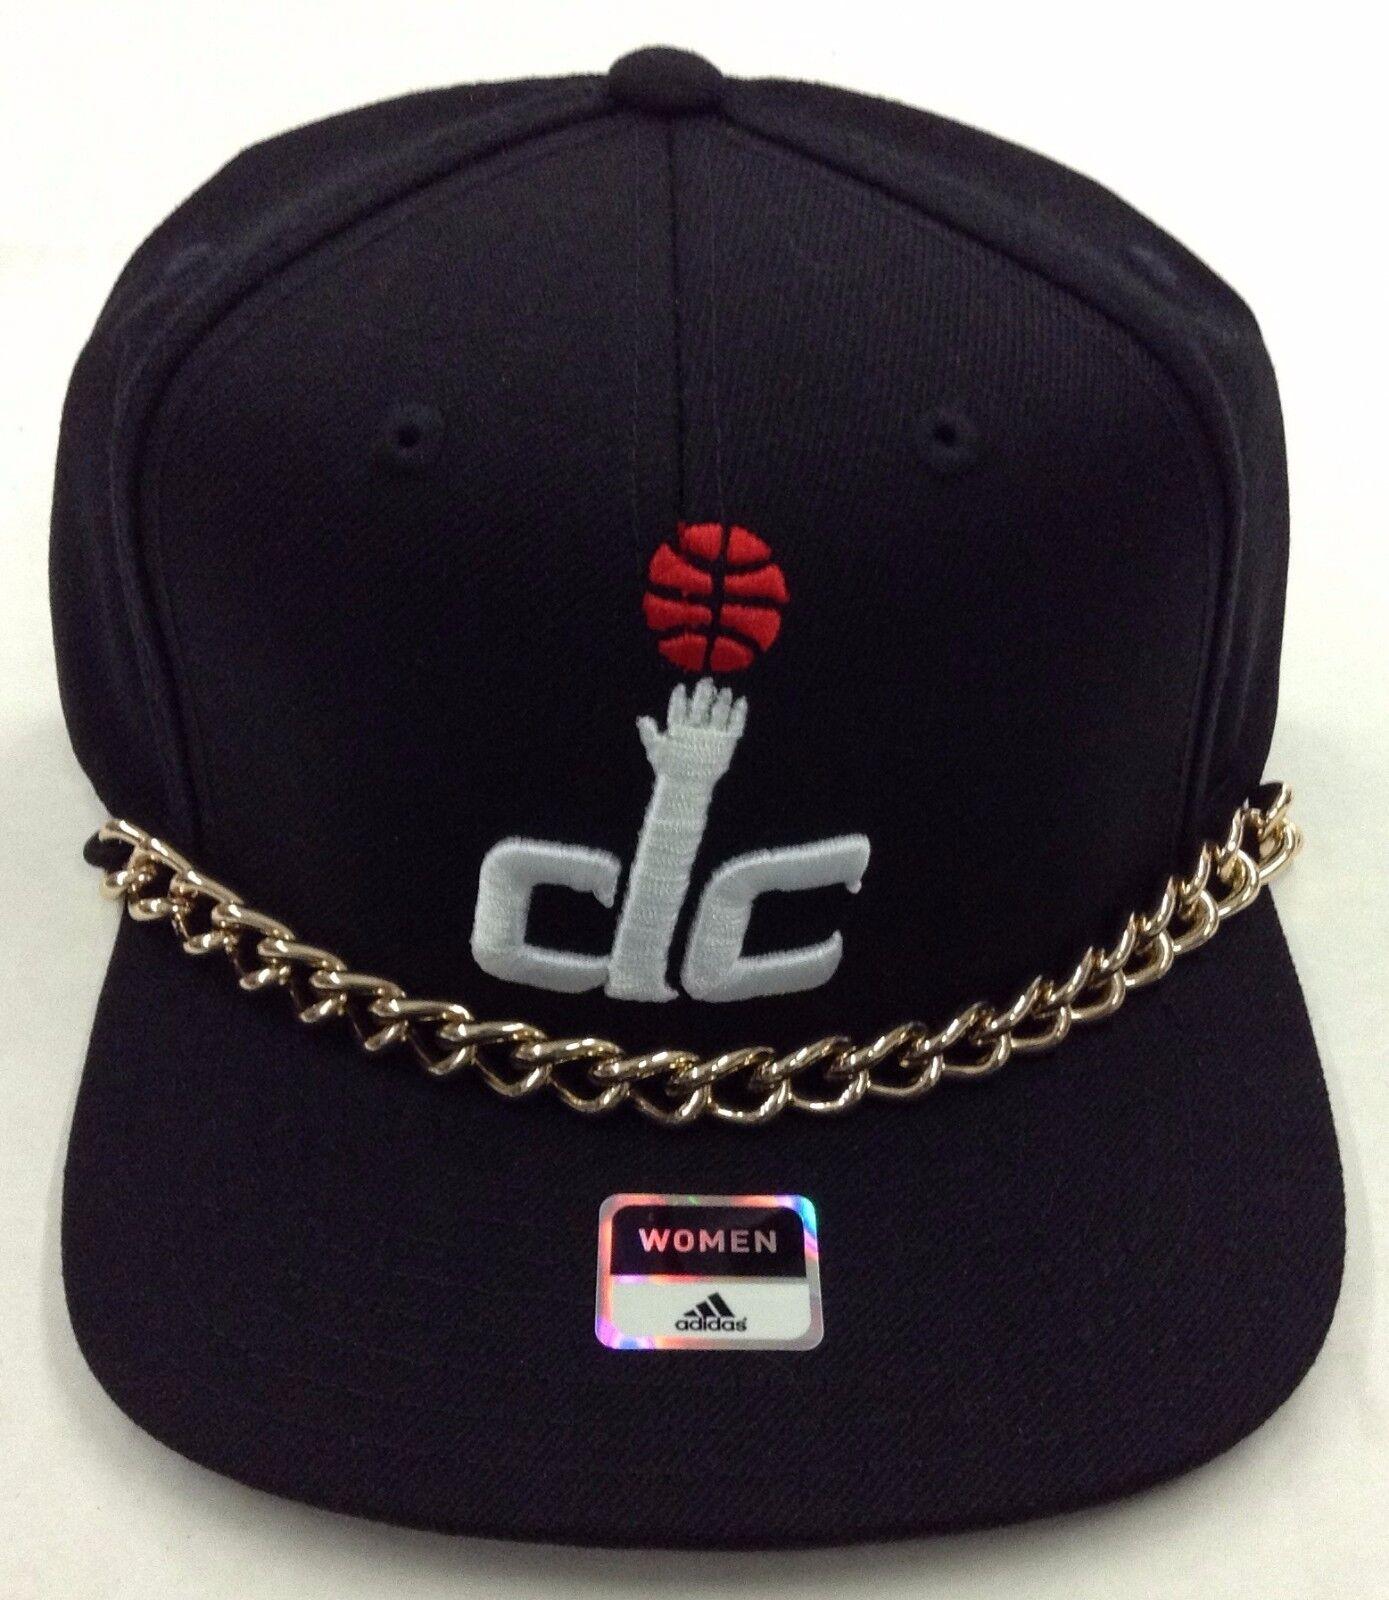 NBA Washington Wizards Adidas Damen Goldfarben Kette Kette Kette Snap Kappe Hut  Vw74w 2baec4